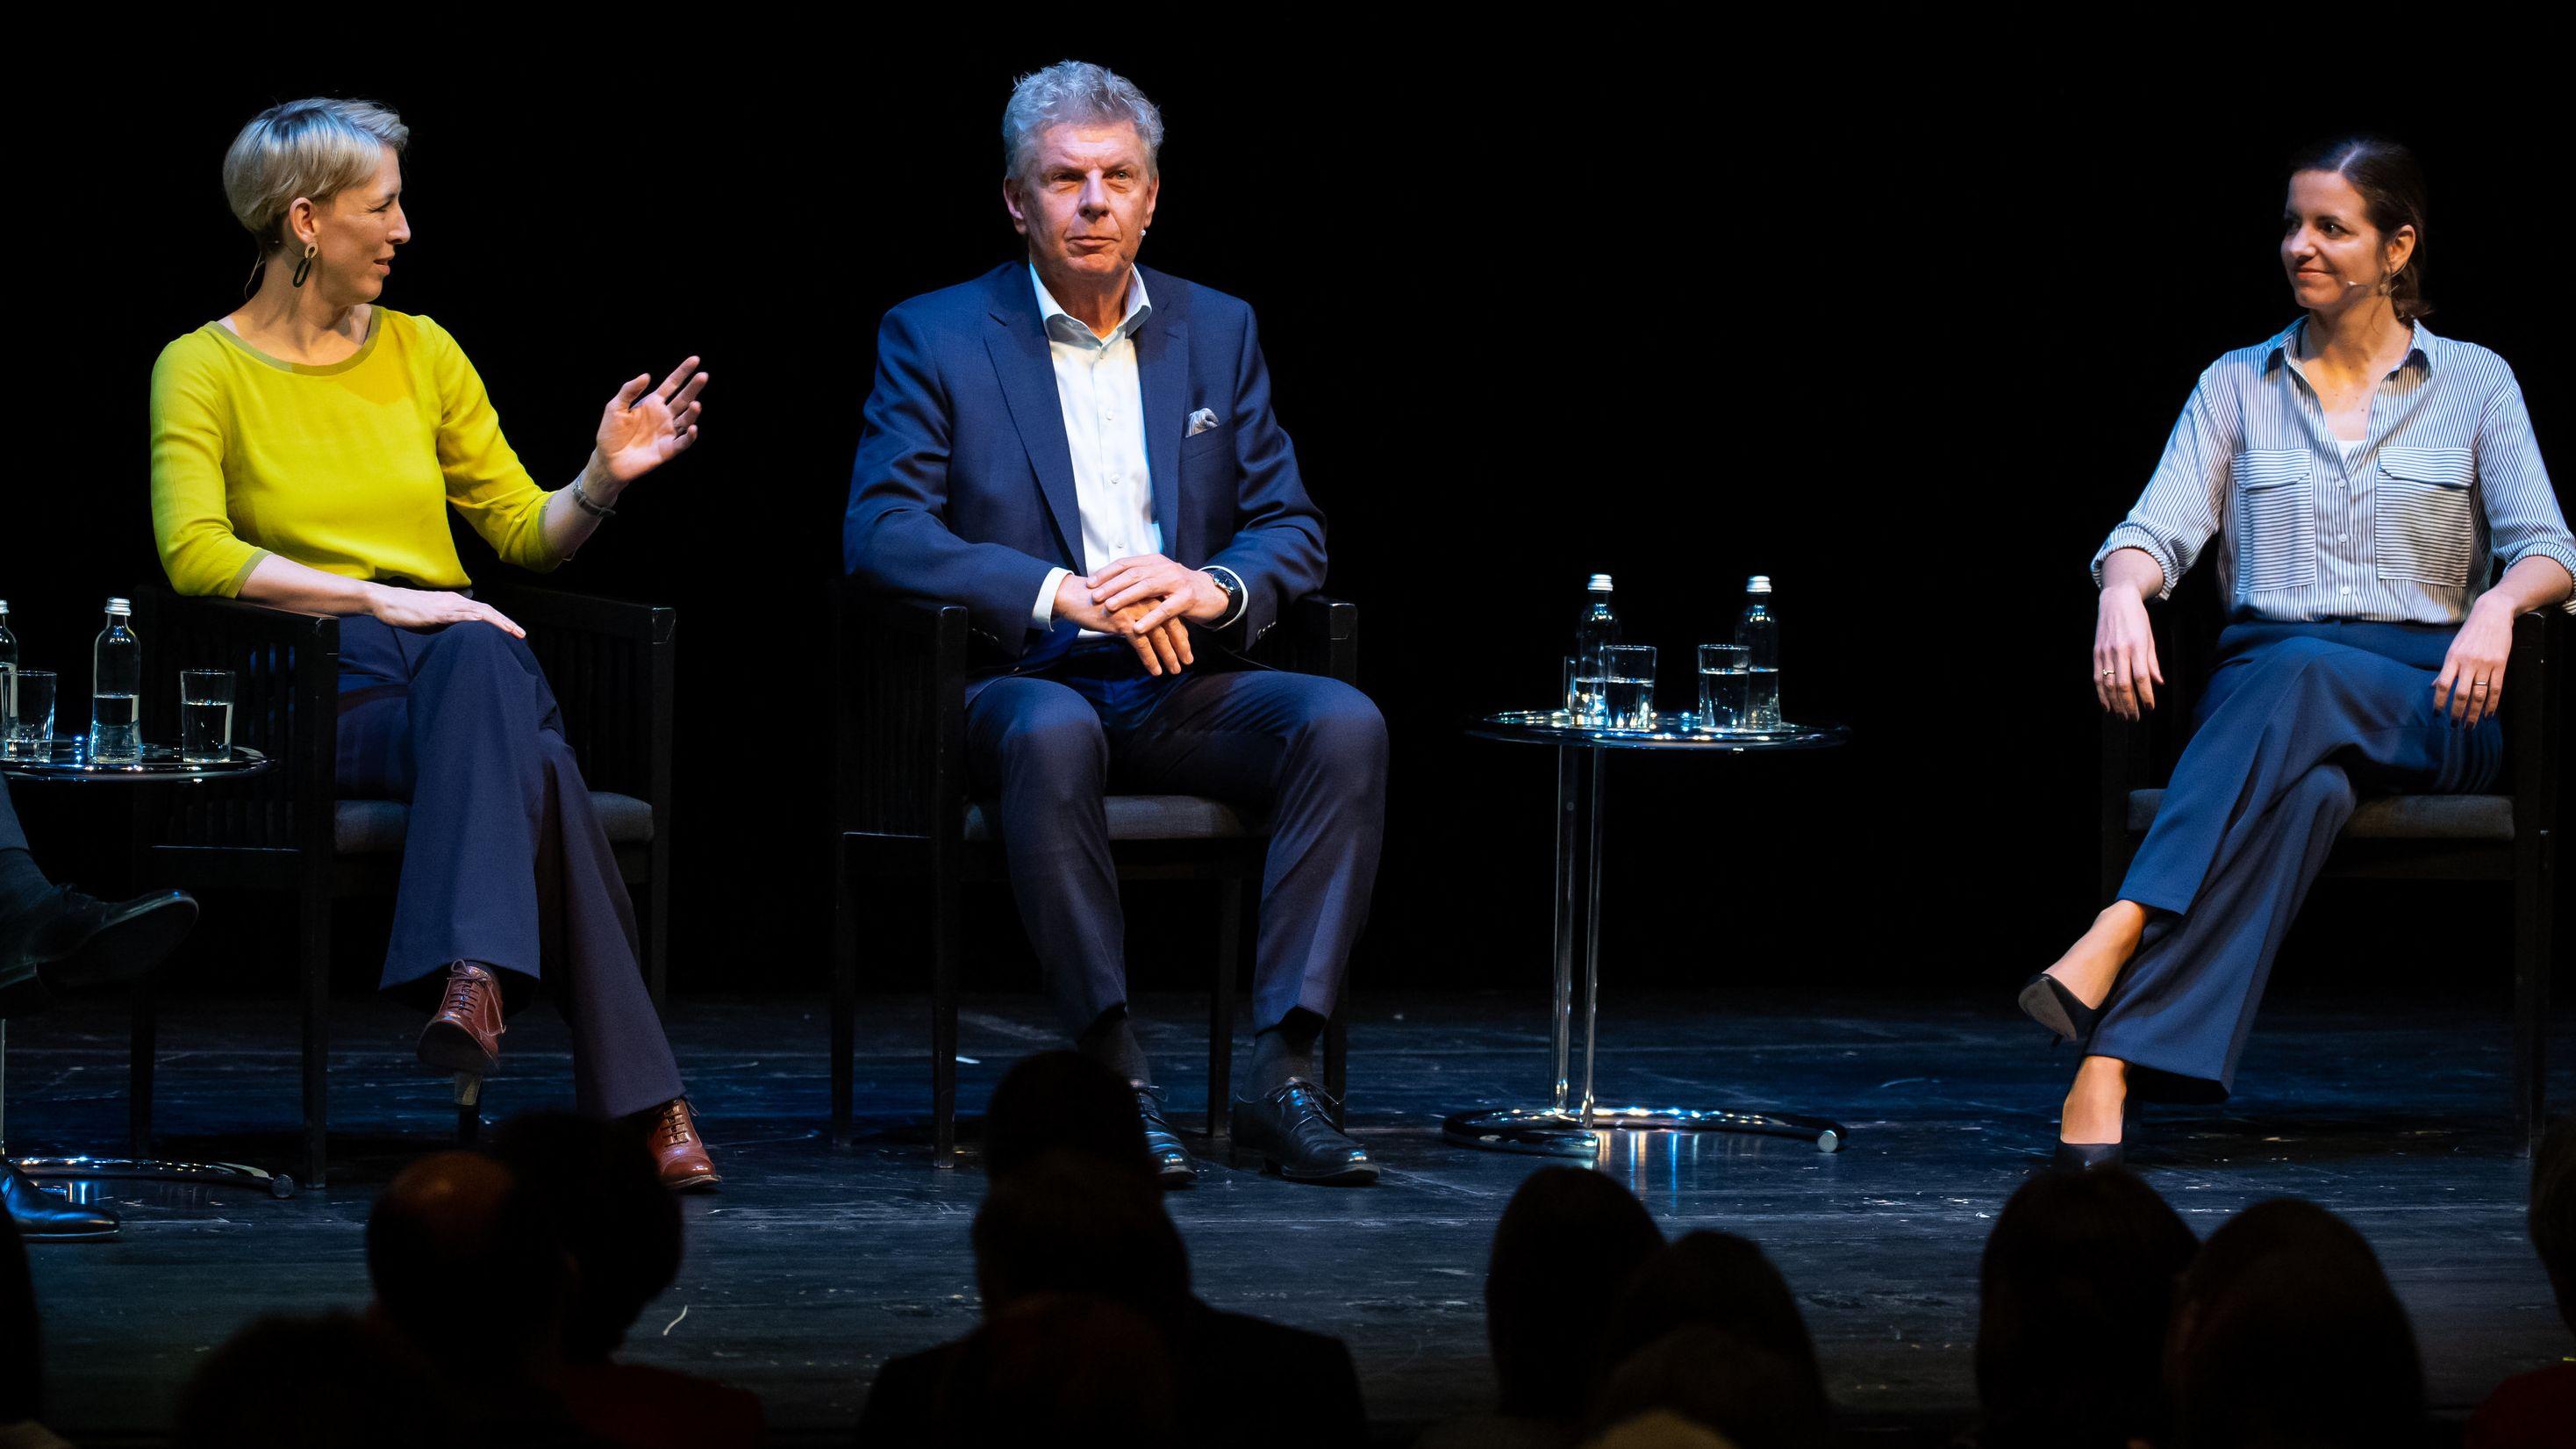 Von links: Katrin Habenschaden (Grüne), Dieter Reiter (SPD) und Kristina Frank (CSU)